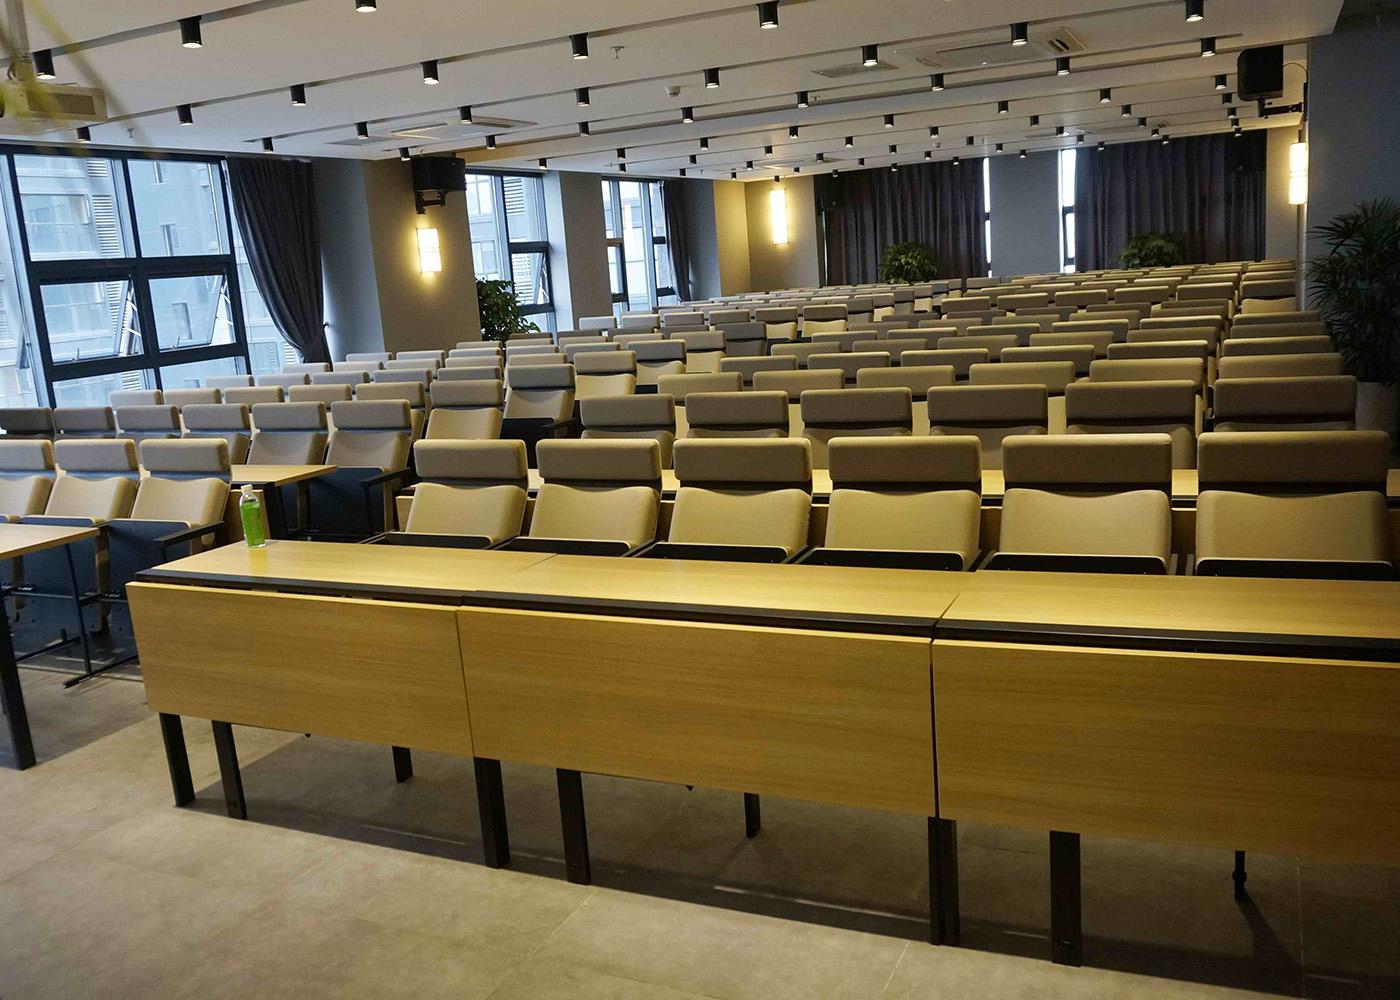 凯蒂斯培训桌A15,上海会议桌,【尺寸 价格 图片 品牌】